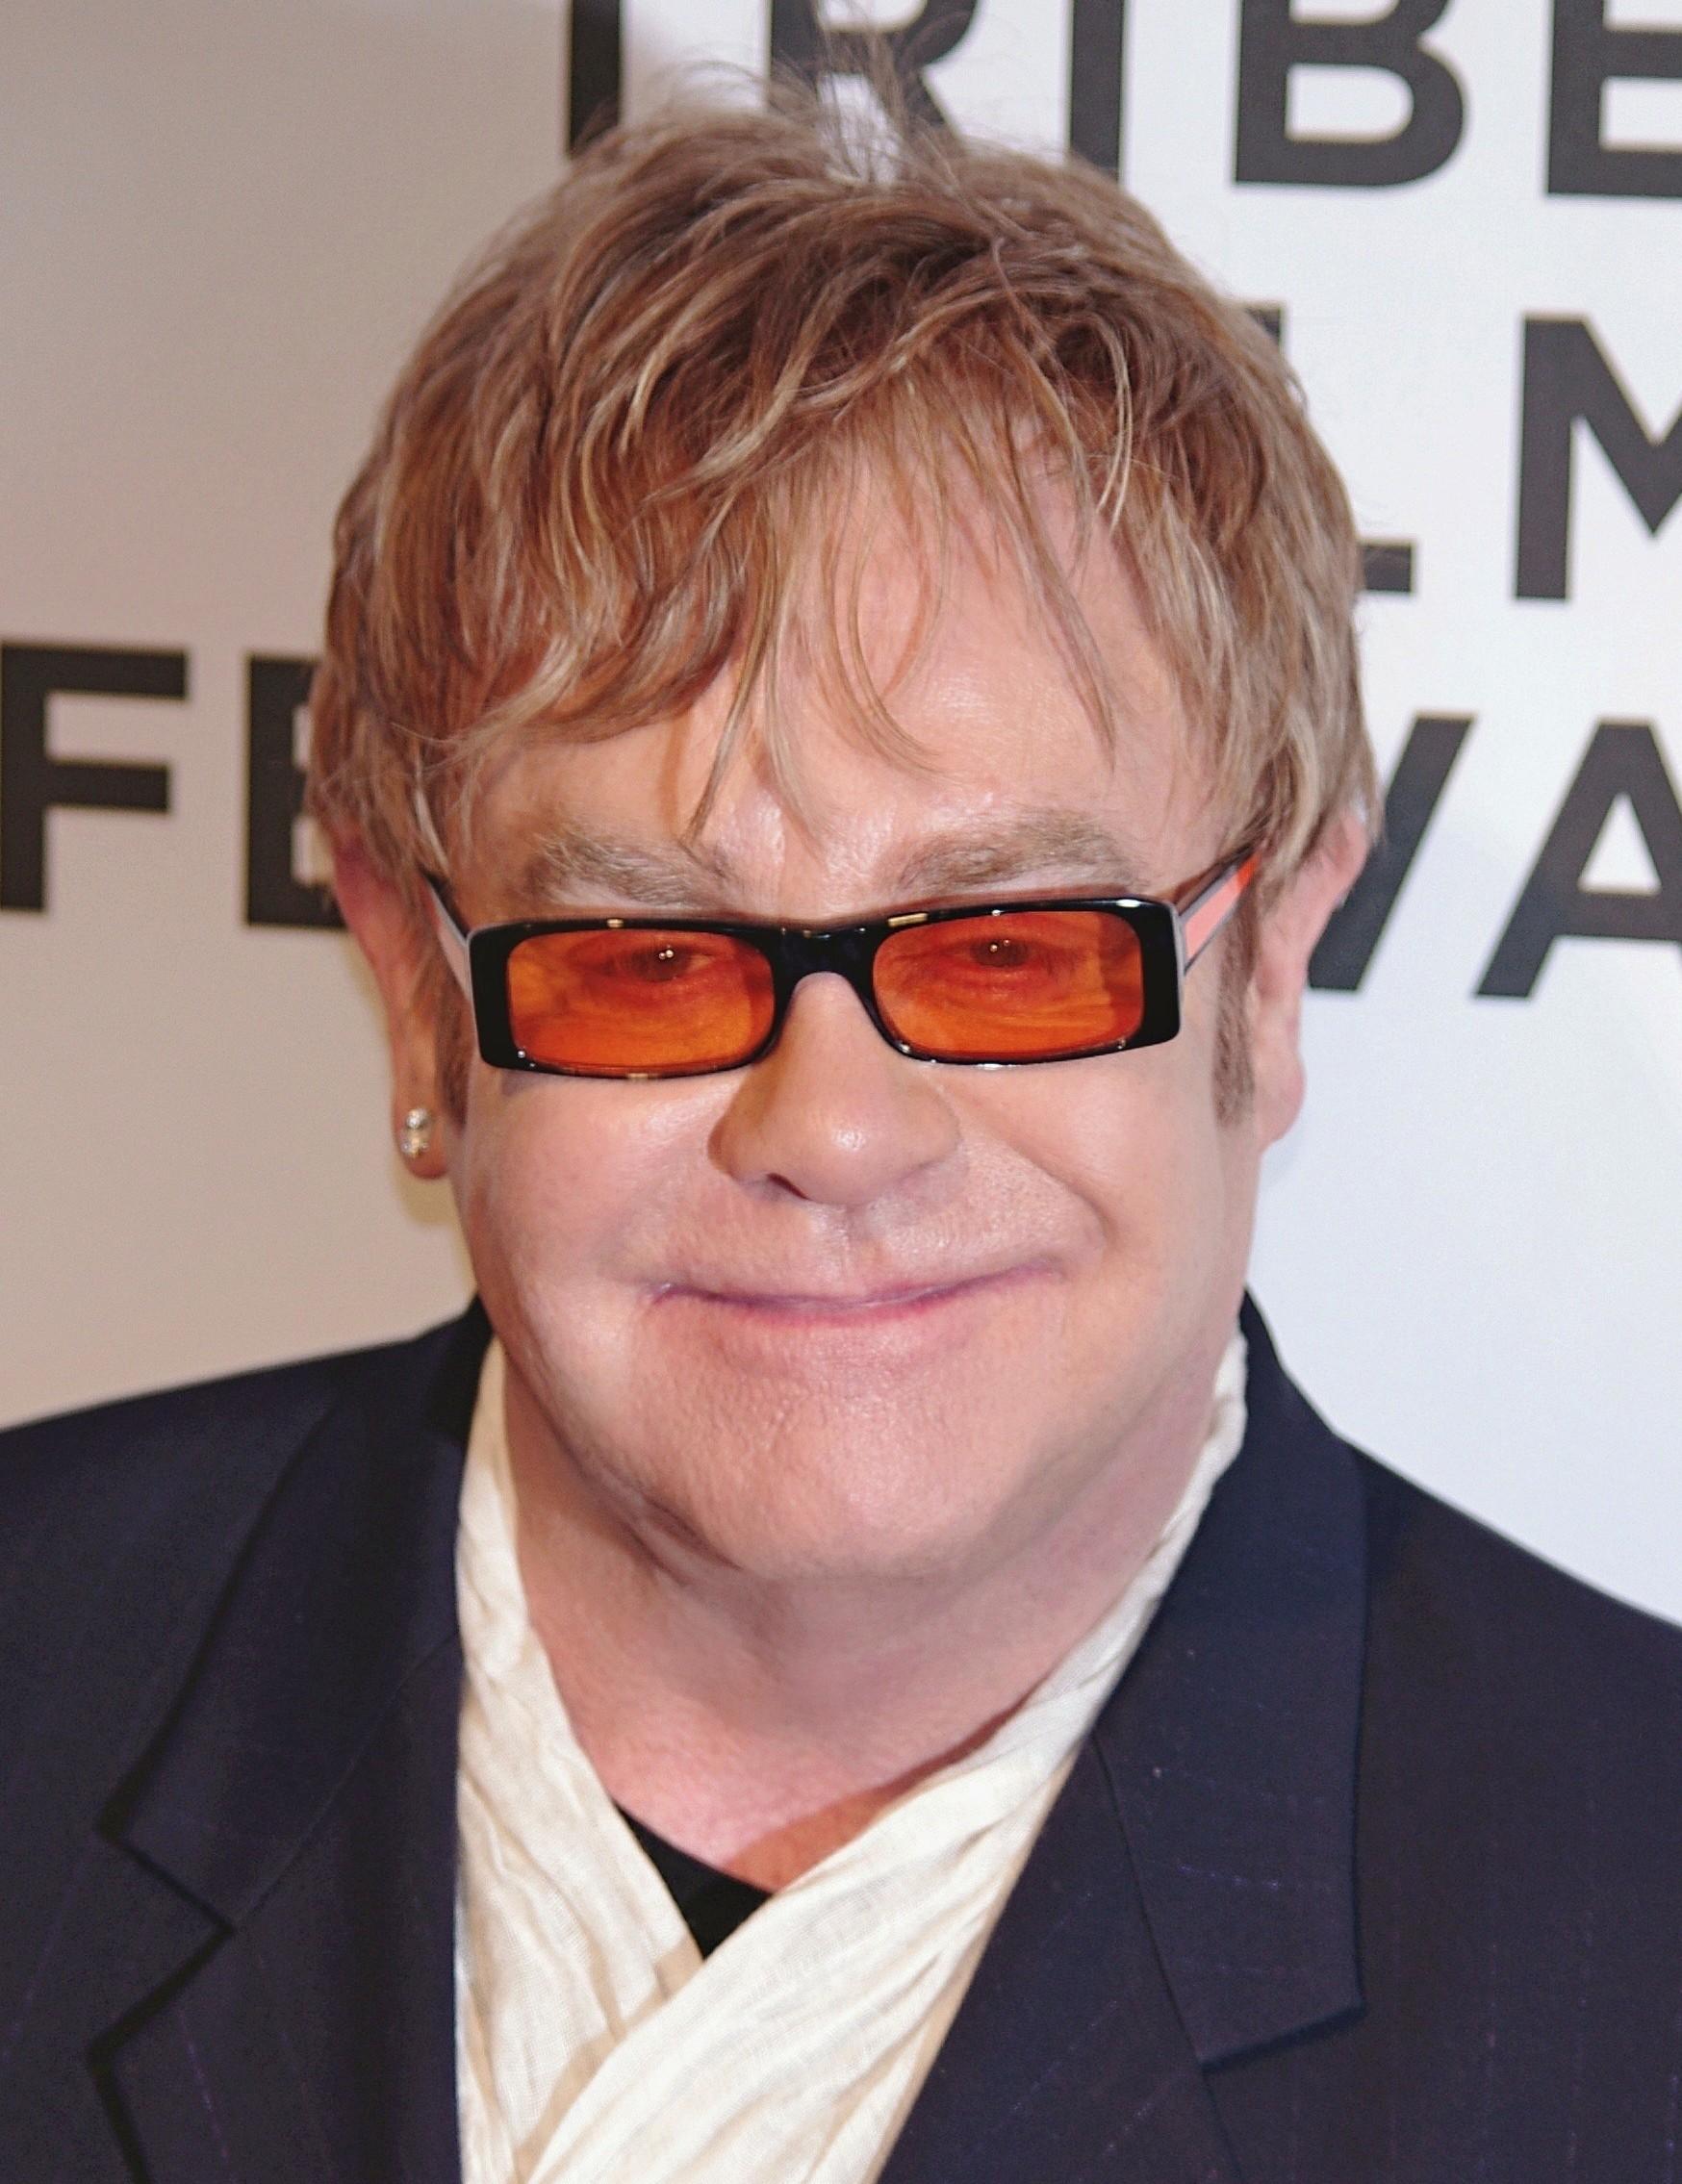 Photo Elton John via Opendata BNF